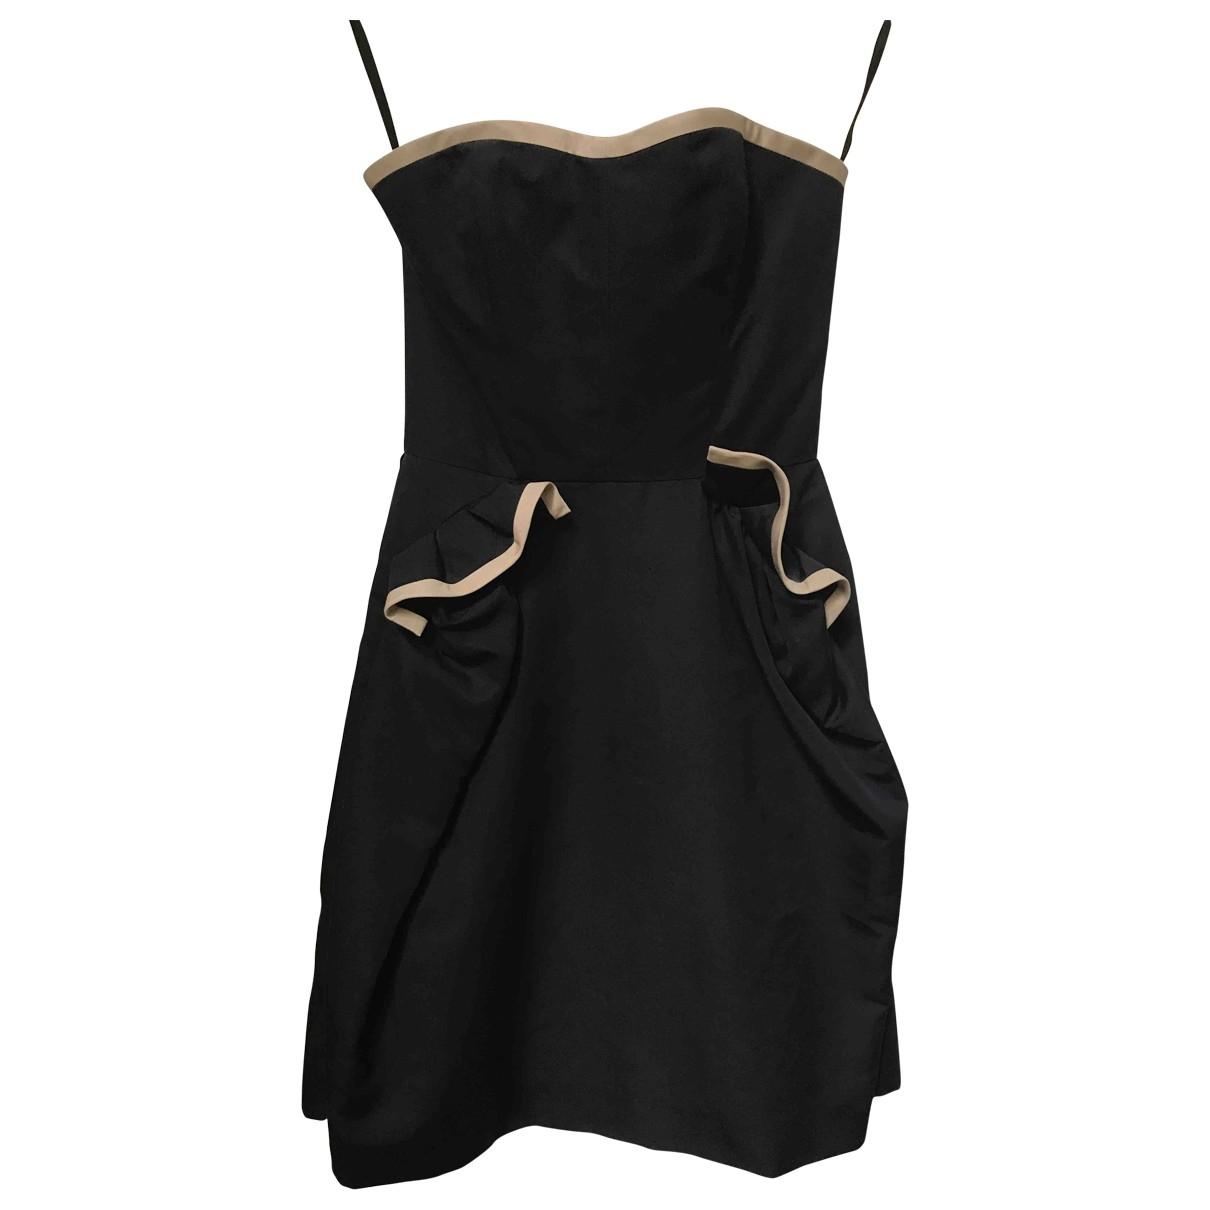 Yves Saint Laurent \N Black Cotton dress for Women 36 FR